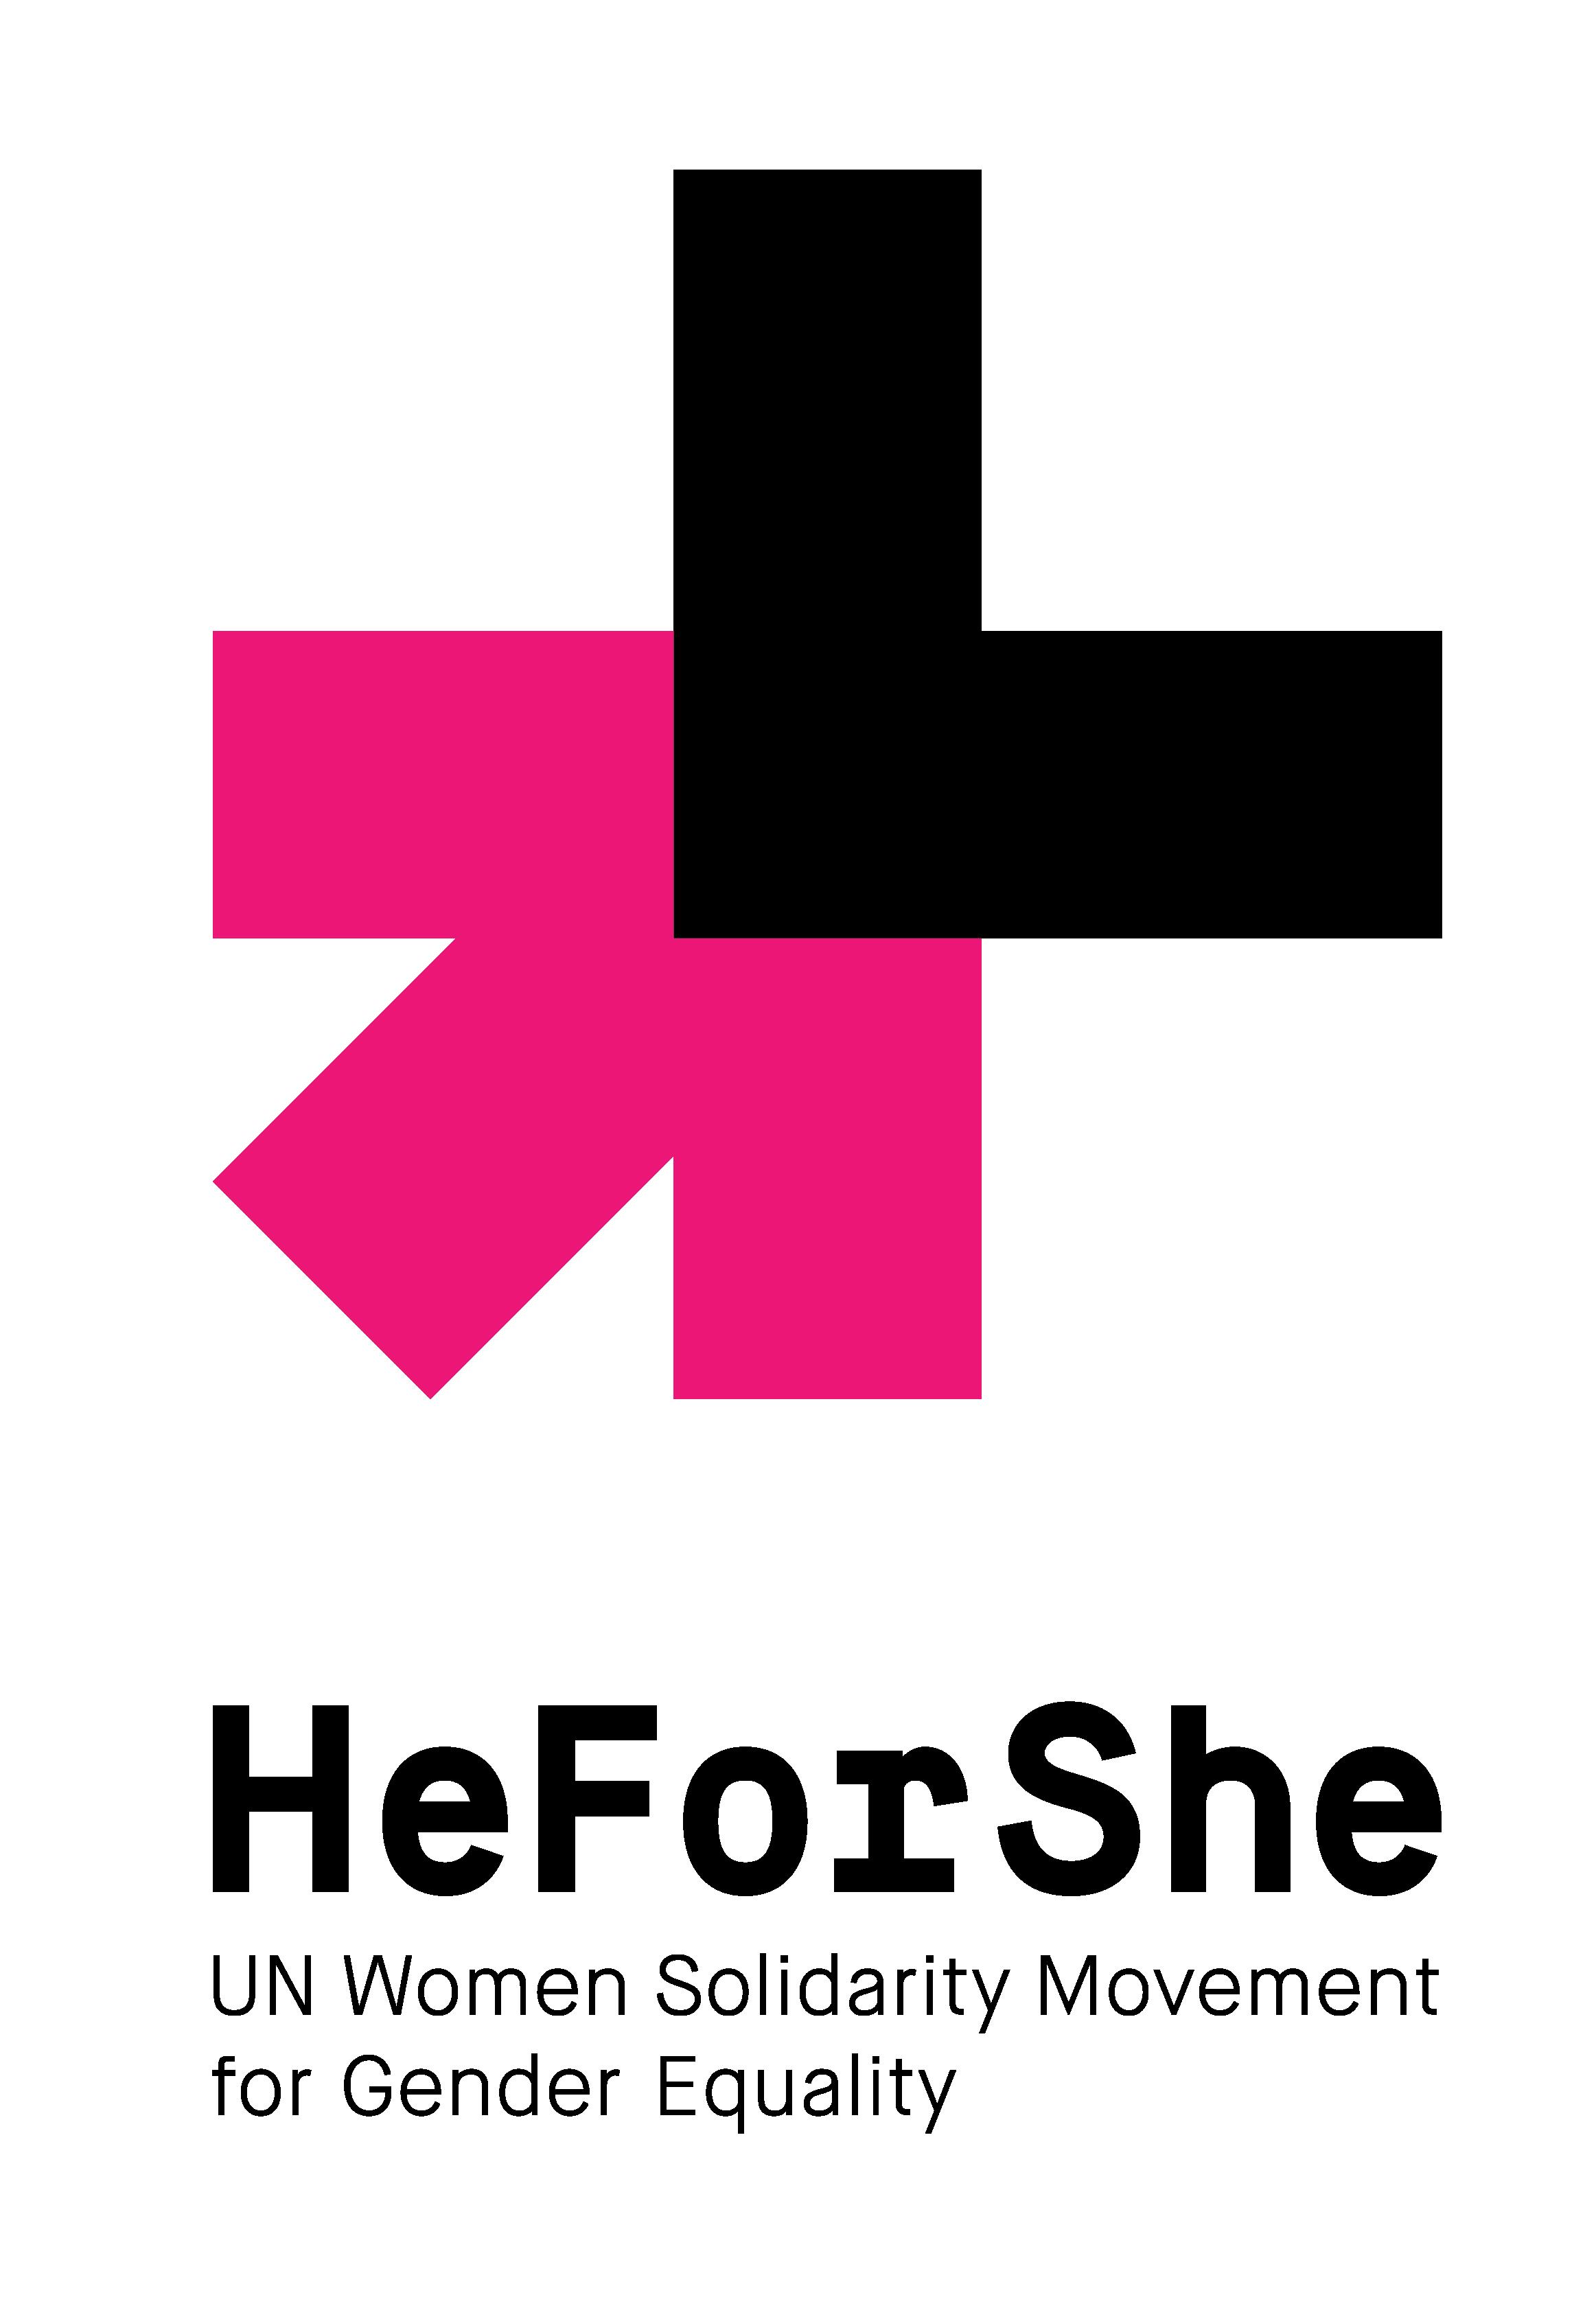 heforshe_logo_badge_withtagline_use_on_white.png